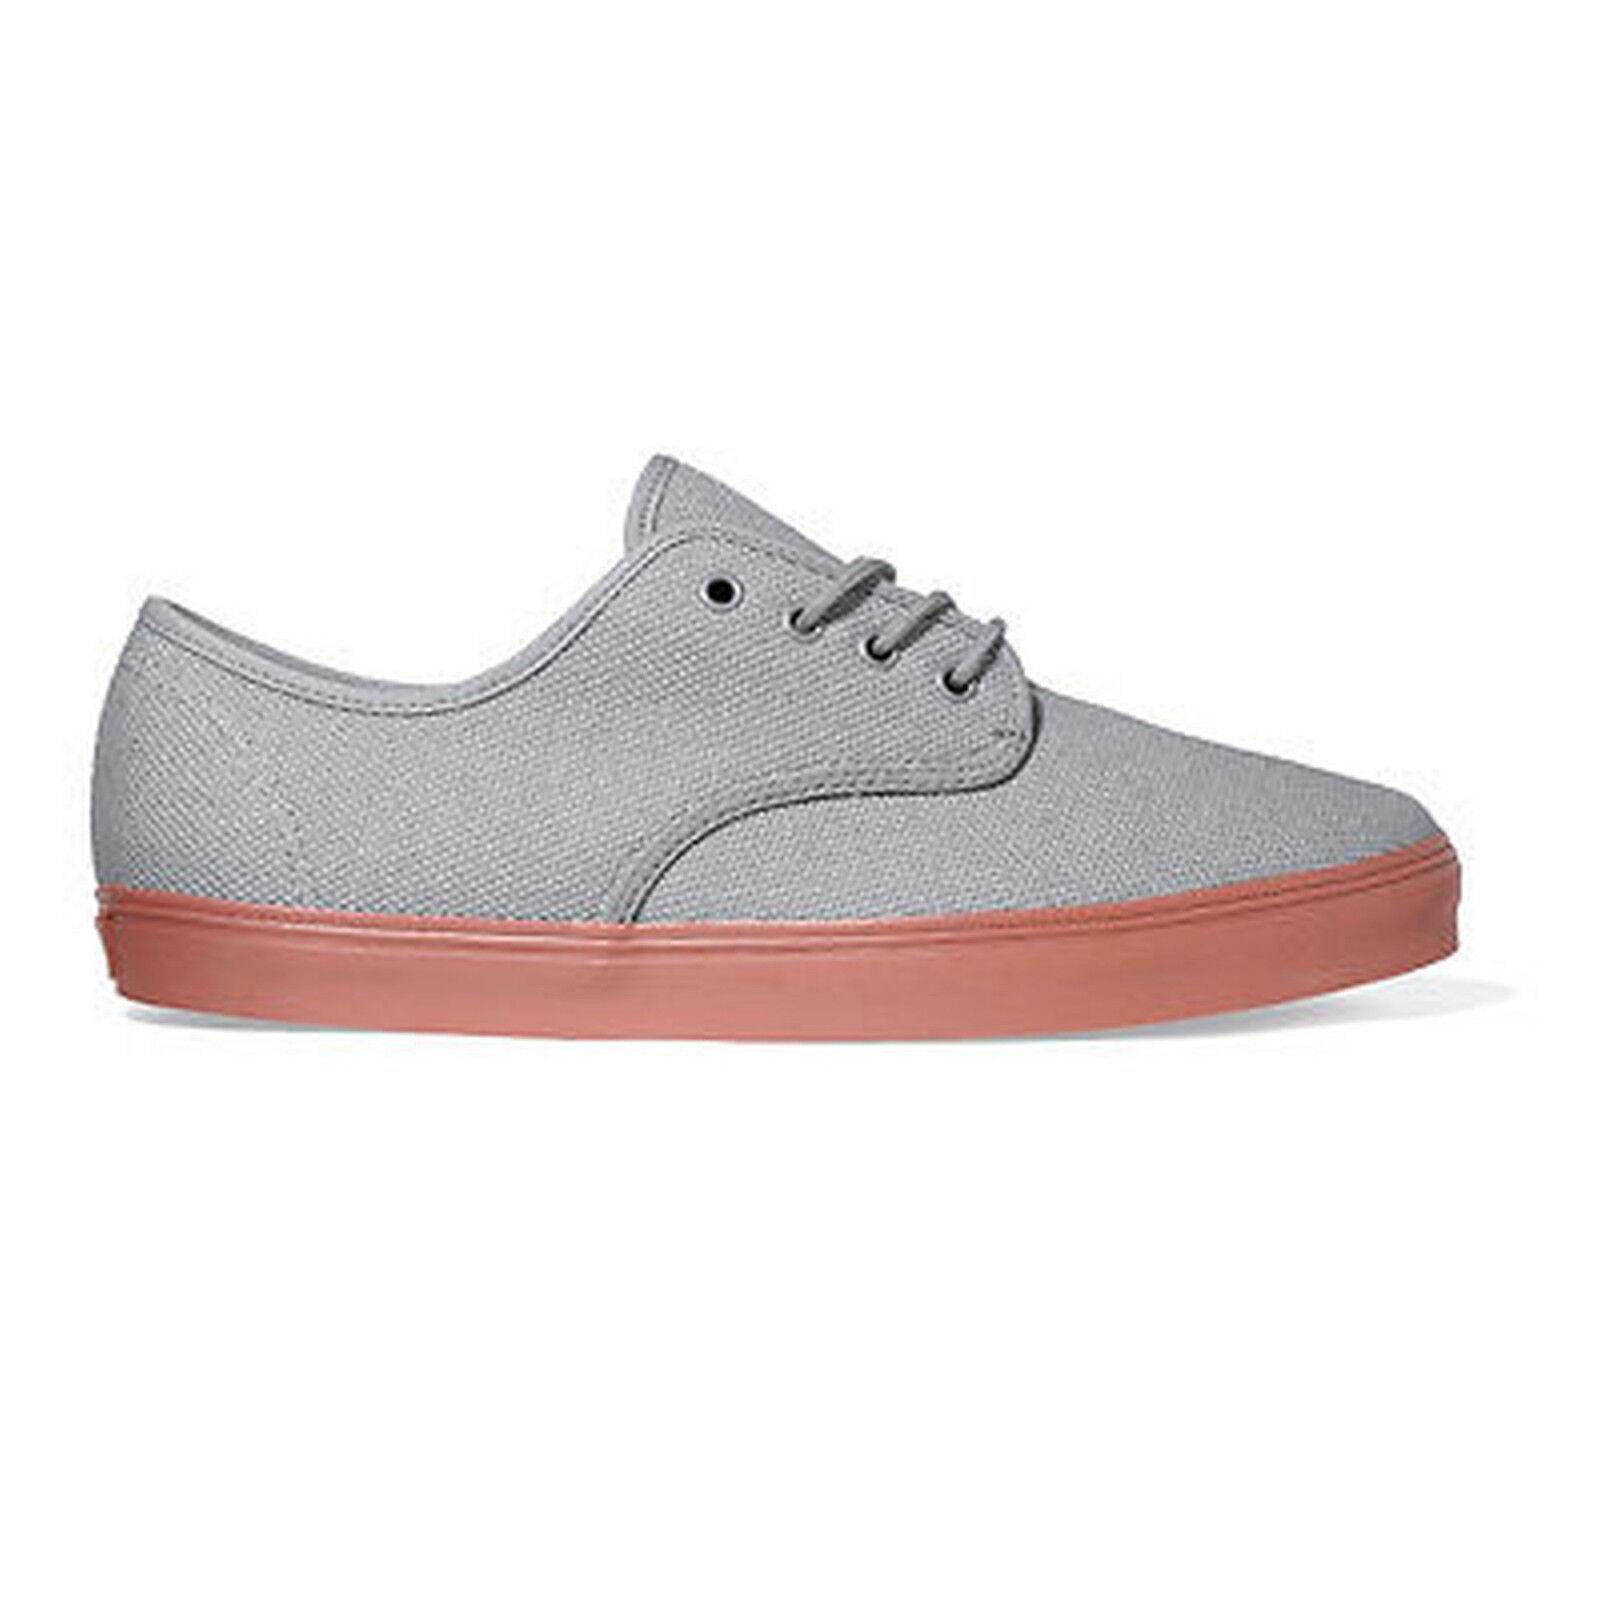 VANS Schuhe Skaterschuhe Madero Canvas Grey